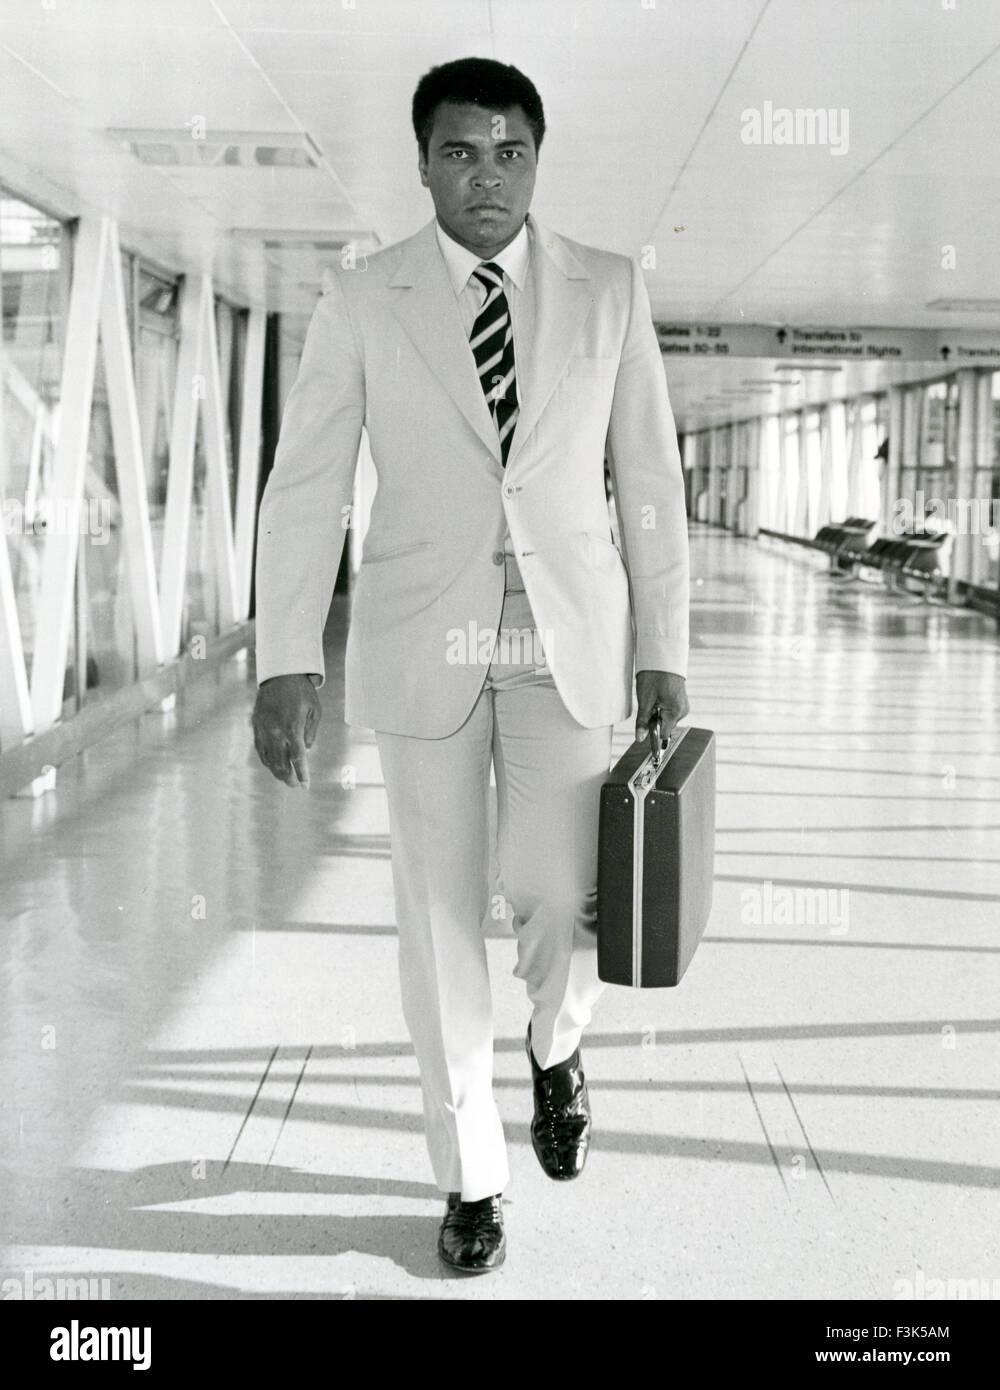 MUHAMMAD ALI (Casius argilla) American boxer arrivando all'aeroporto di Heathrow circa 1967 Immagini Stock